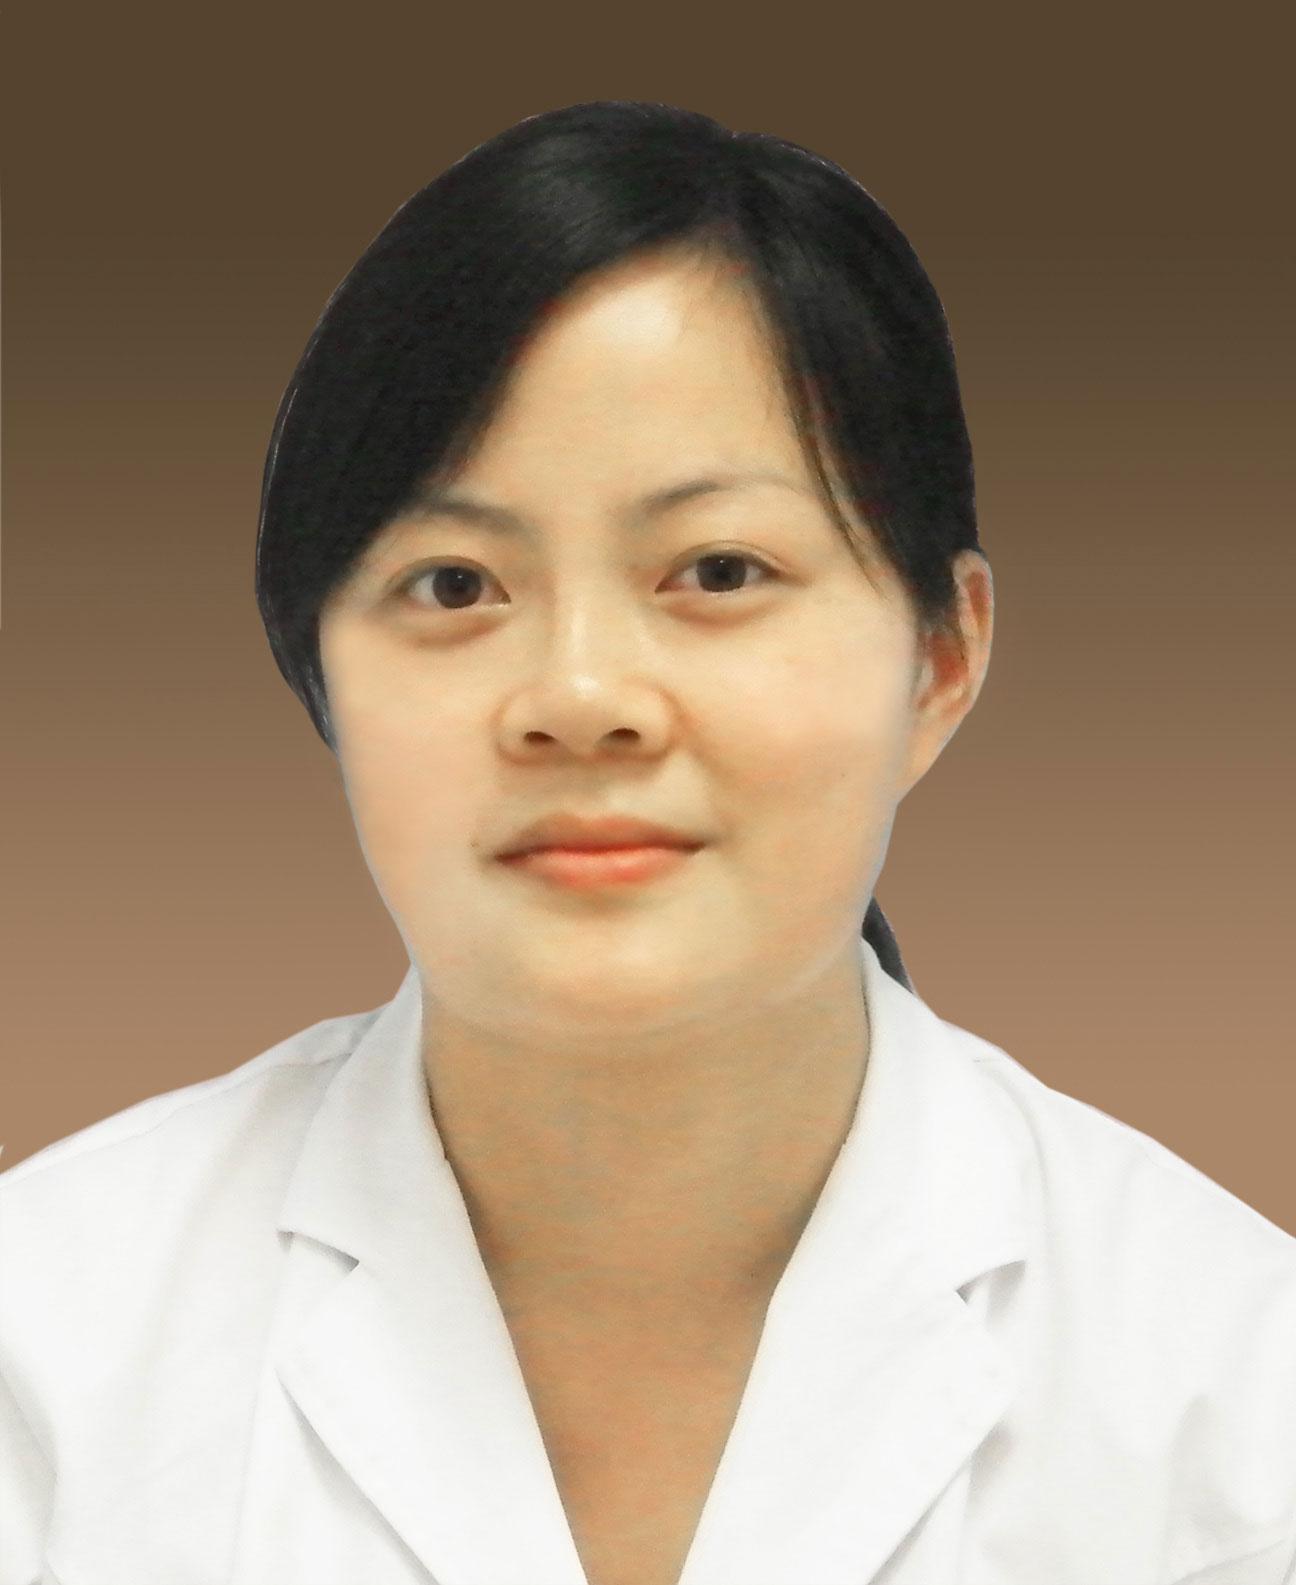 上海美之源整形外科医院整形医生 朱维玲